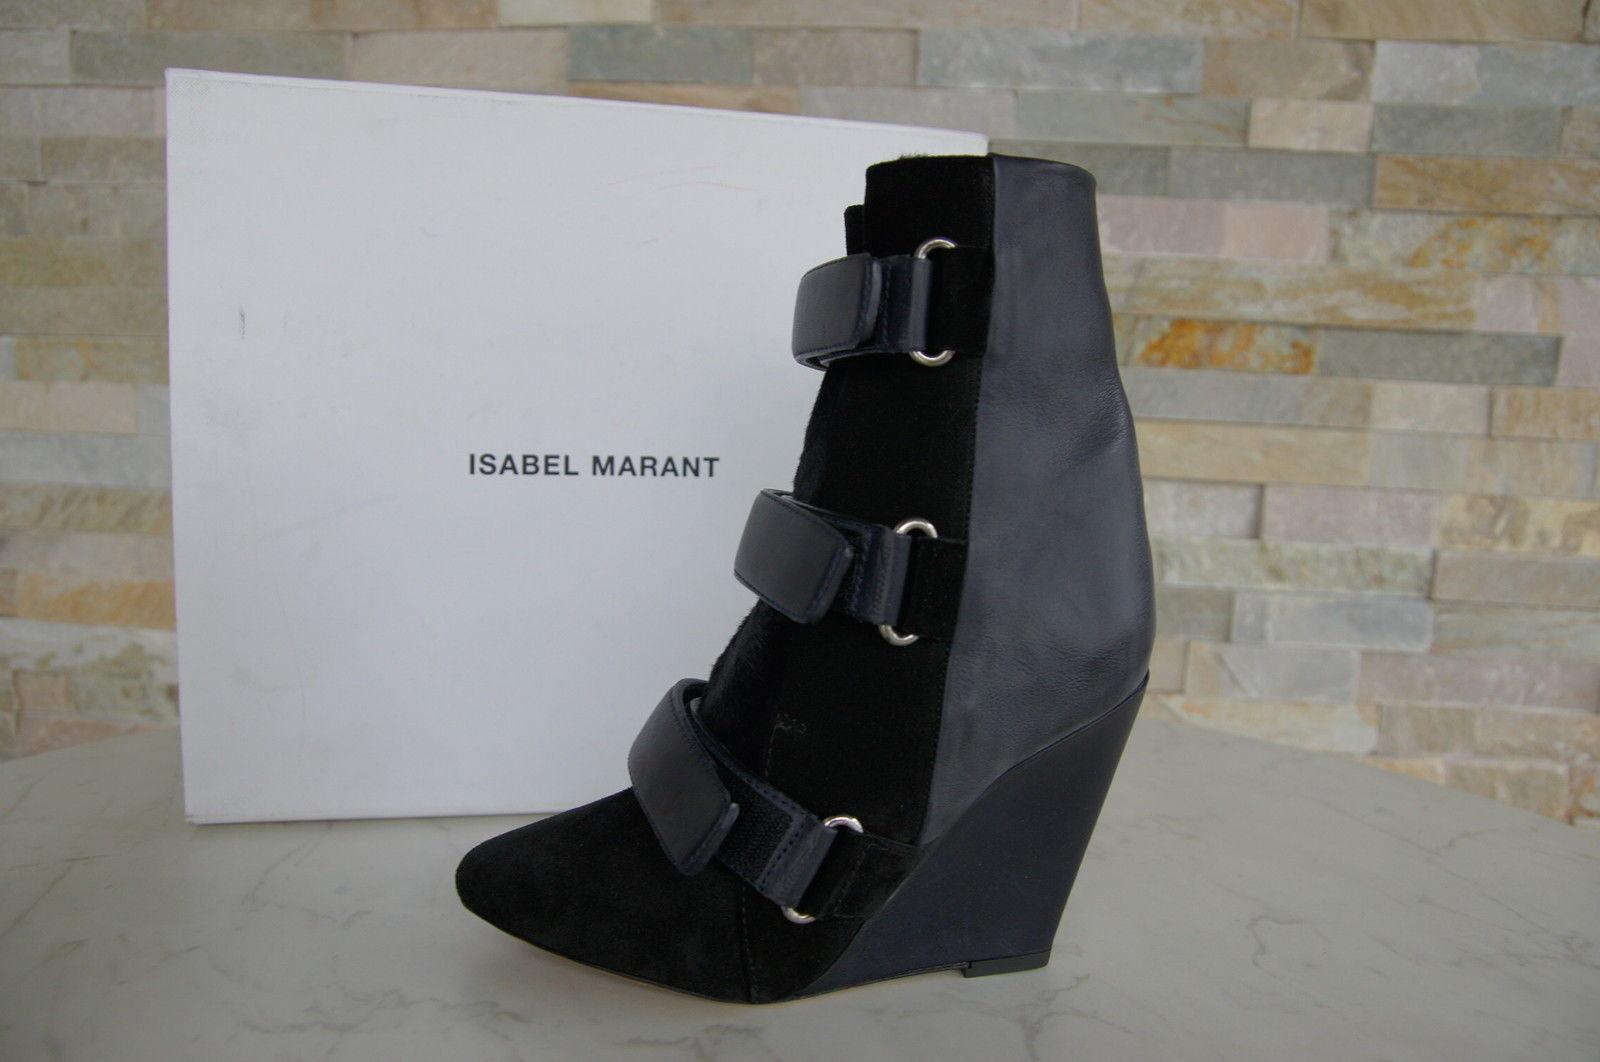 ISABEL MARANT Gr 38 Stiefeletten Booties Fell Stiefel schwarz blau neu